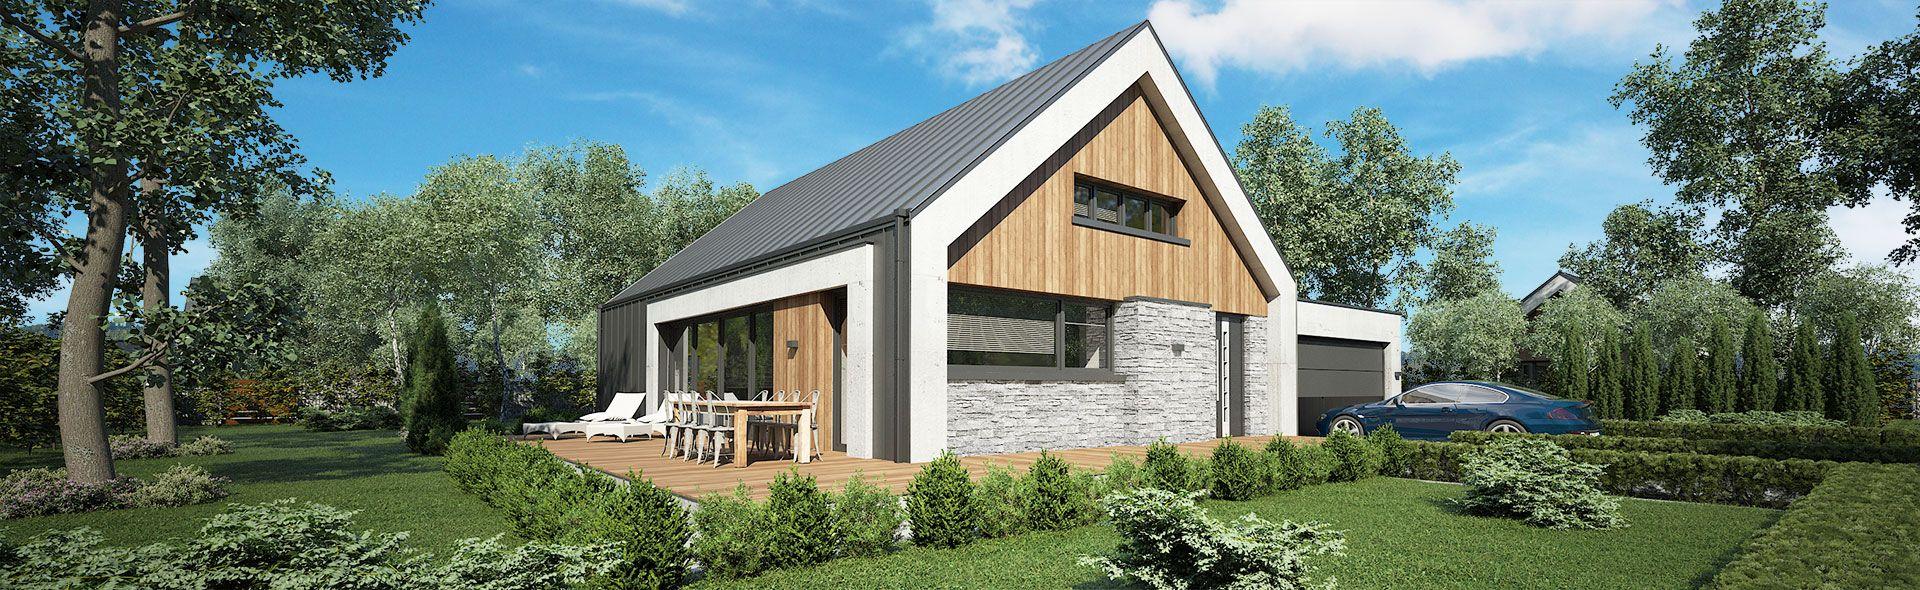 Projekty domów tworzymy z pasją